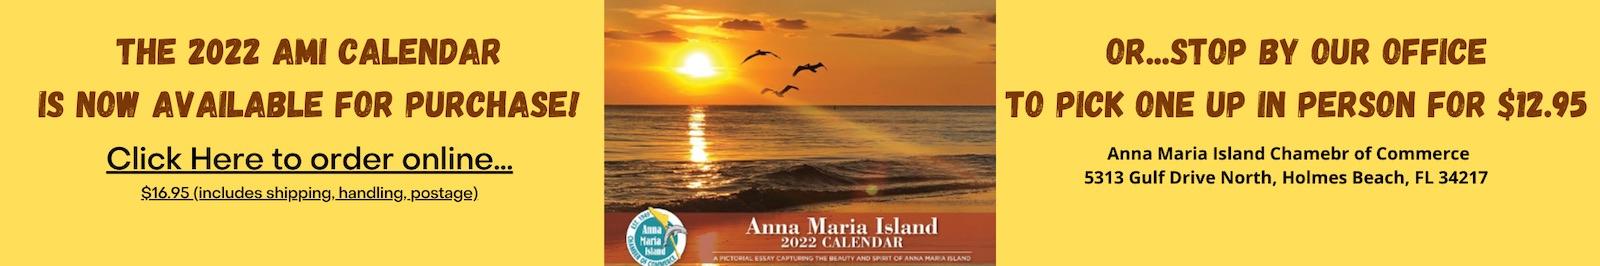 2022 AMI Calendar